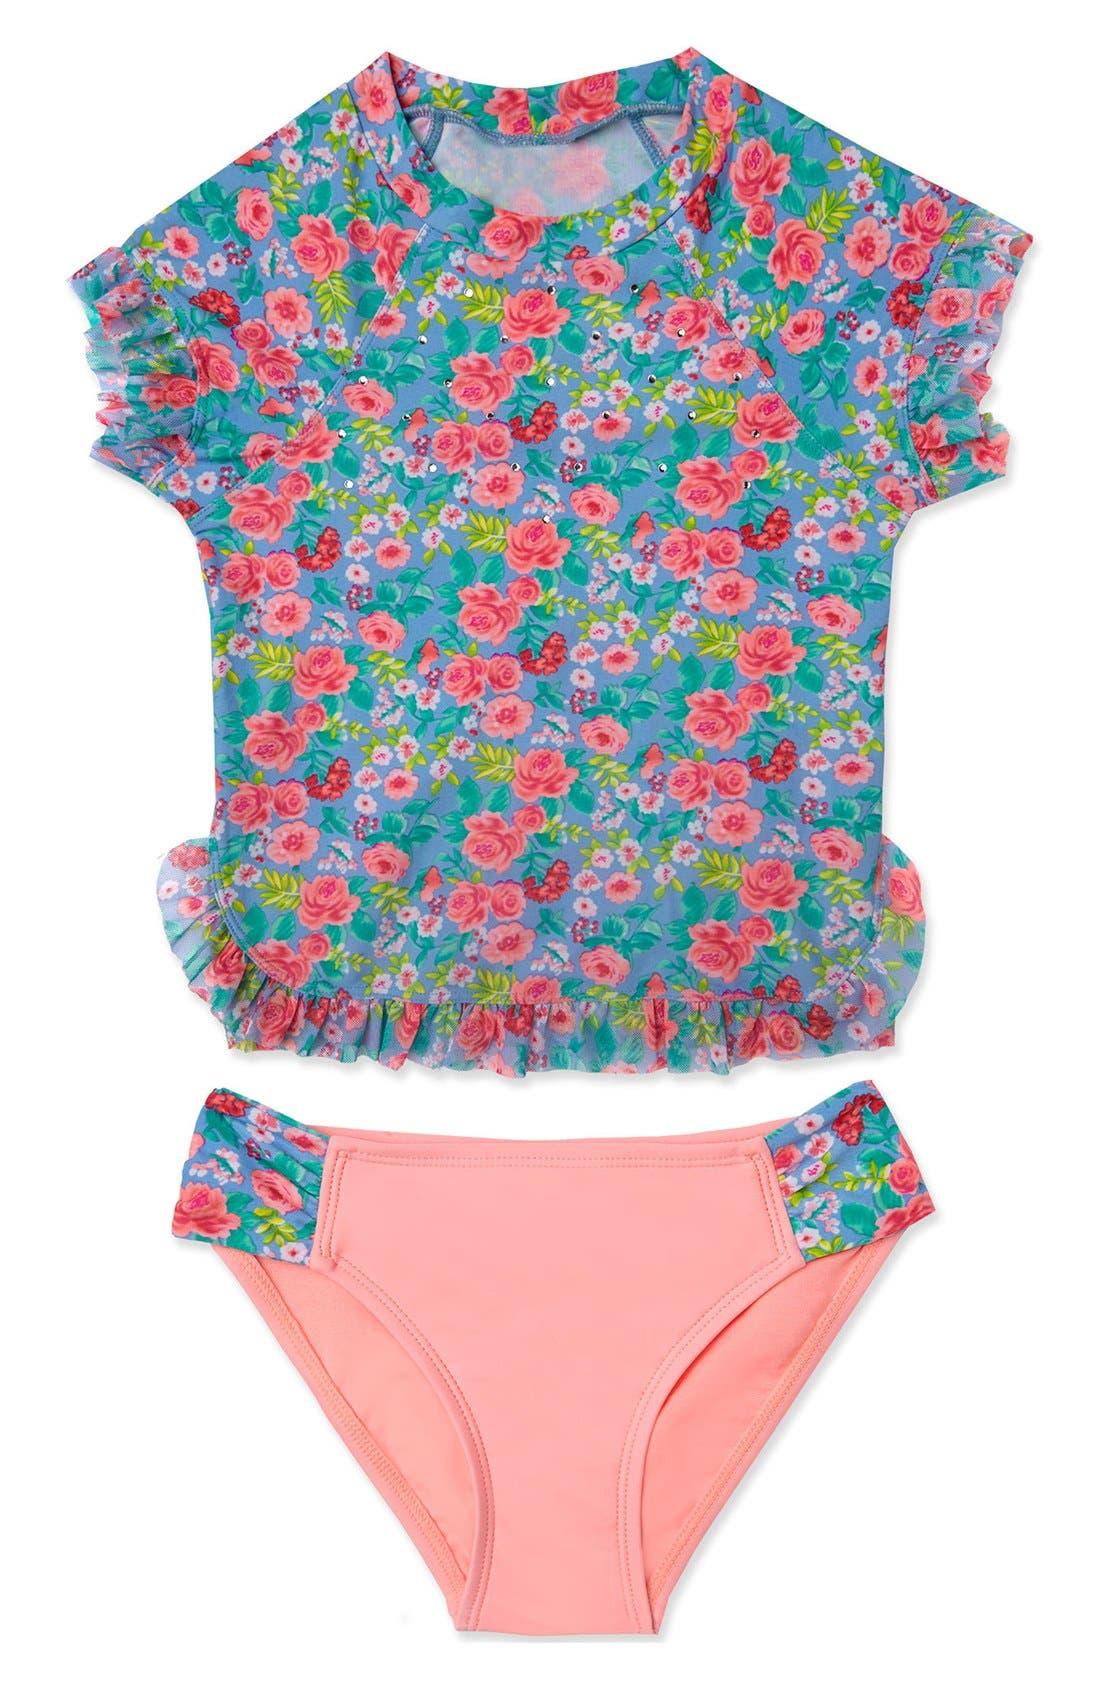 'Rose Tango' Two-Piece Rashguard Swimsuit,                             Main thumbnail 1, color,                             Blue